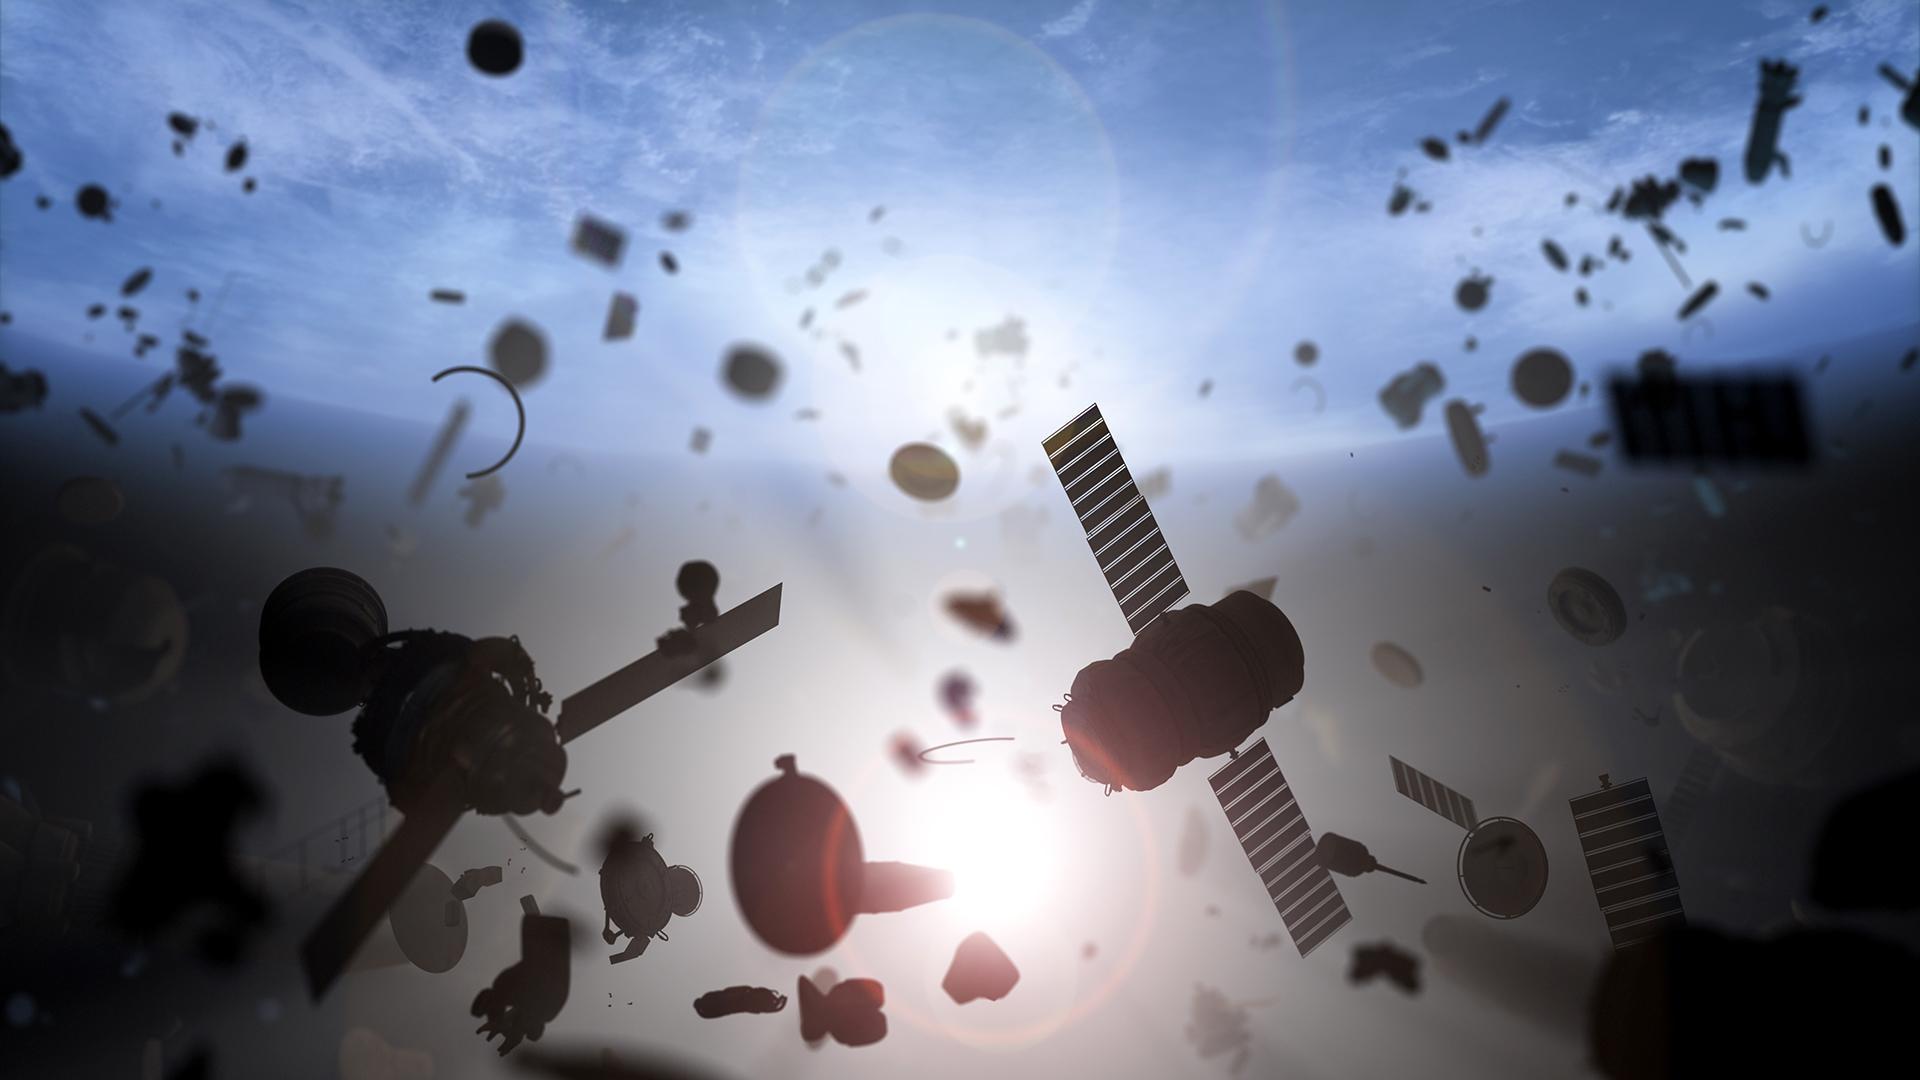 Двоє старих супутників можуть зіткнутися над США - США, космічне сміття, Земля - 28 musor